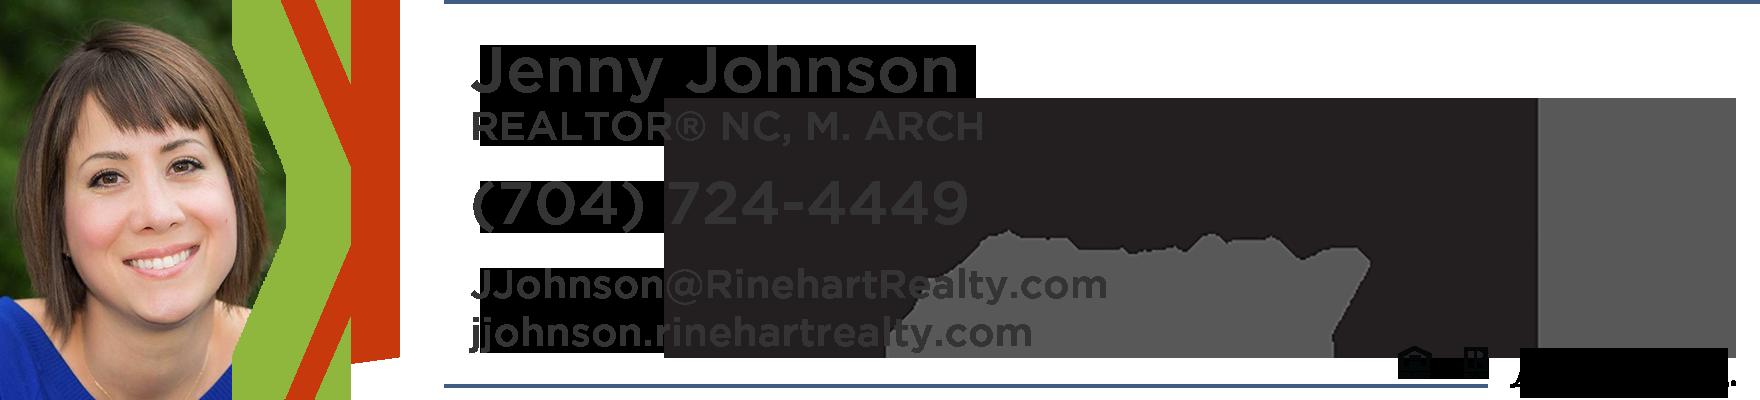 Jenny Johnson Realtor